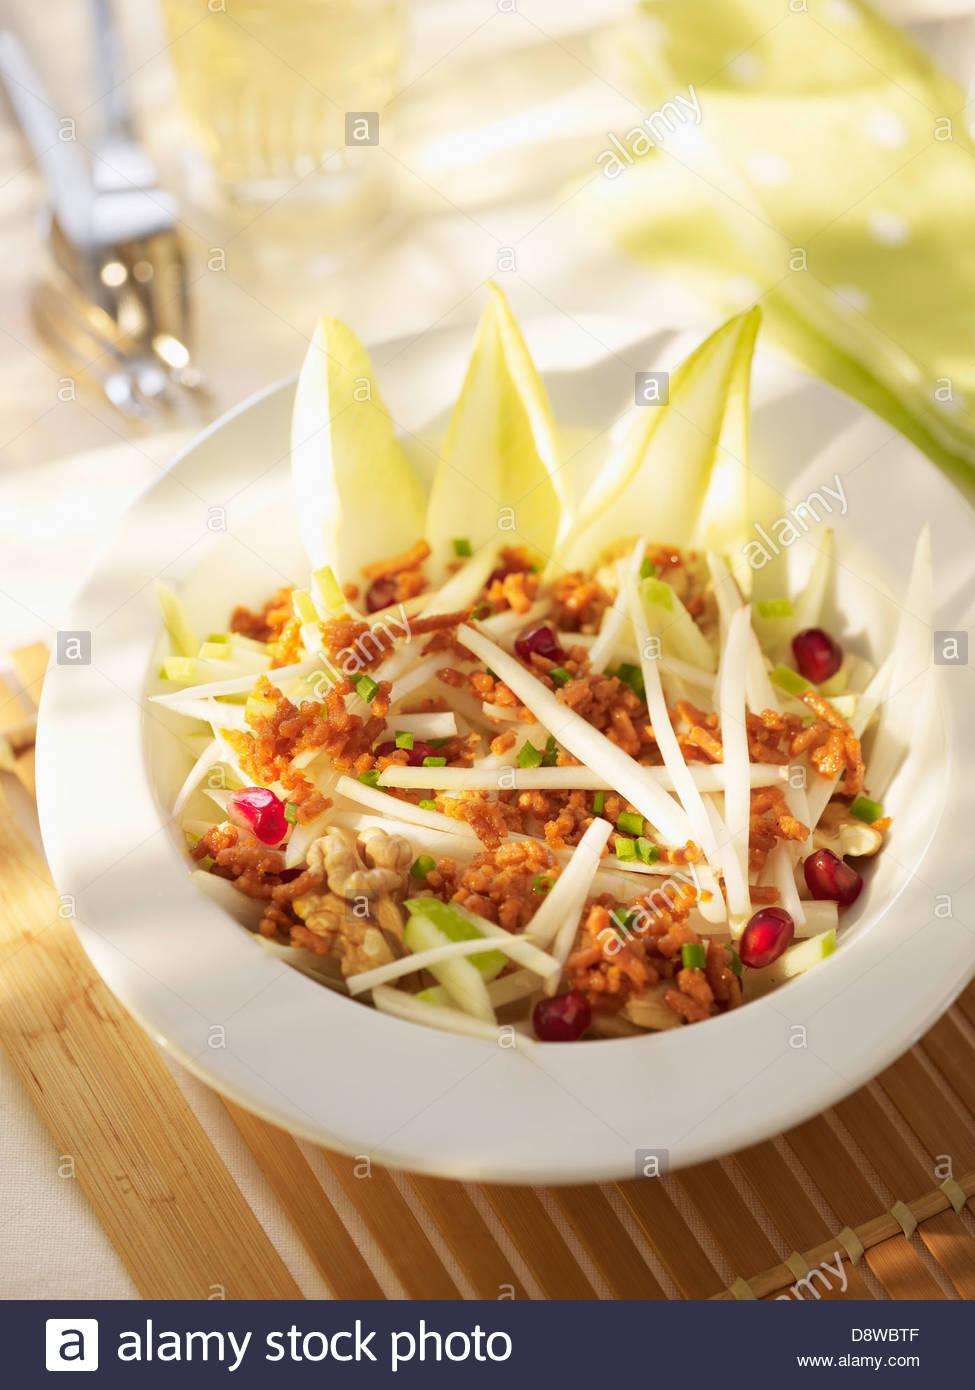 La viande hachée,chicorée,salade de pommes et pomeranate Photo Stock